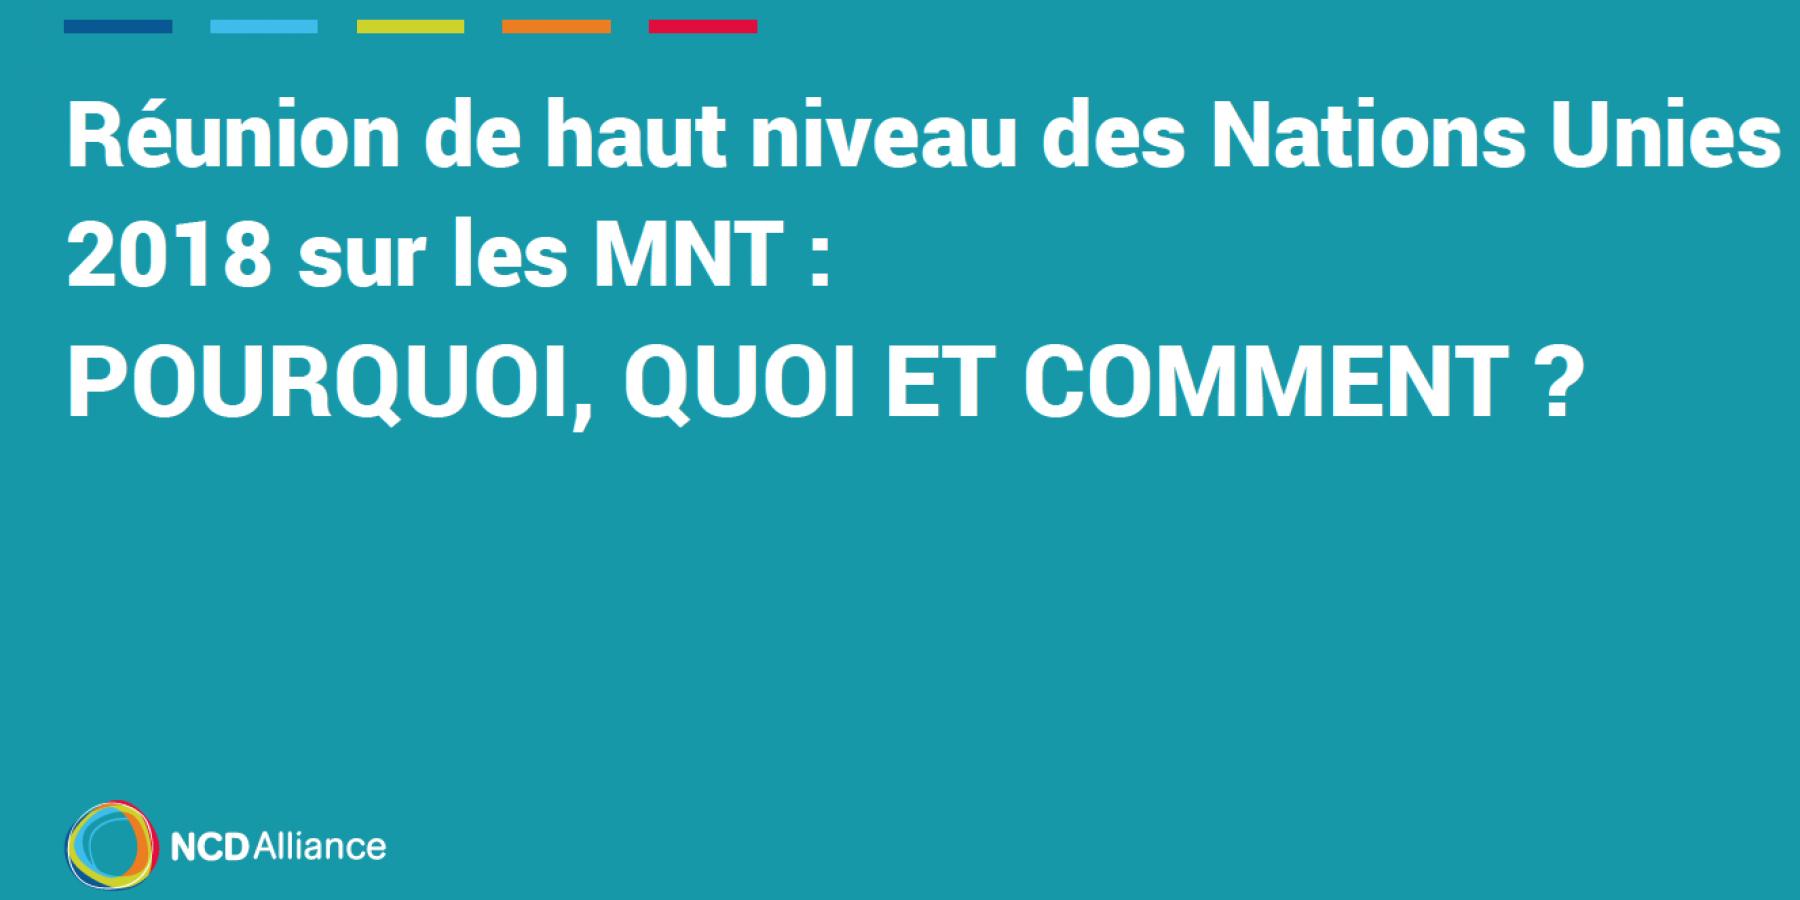 Réunion de haut niveau des Nations Unies 2018 sur les MNT   Pourquoi, quoi  et comment     NCD Alliance 917349365b15